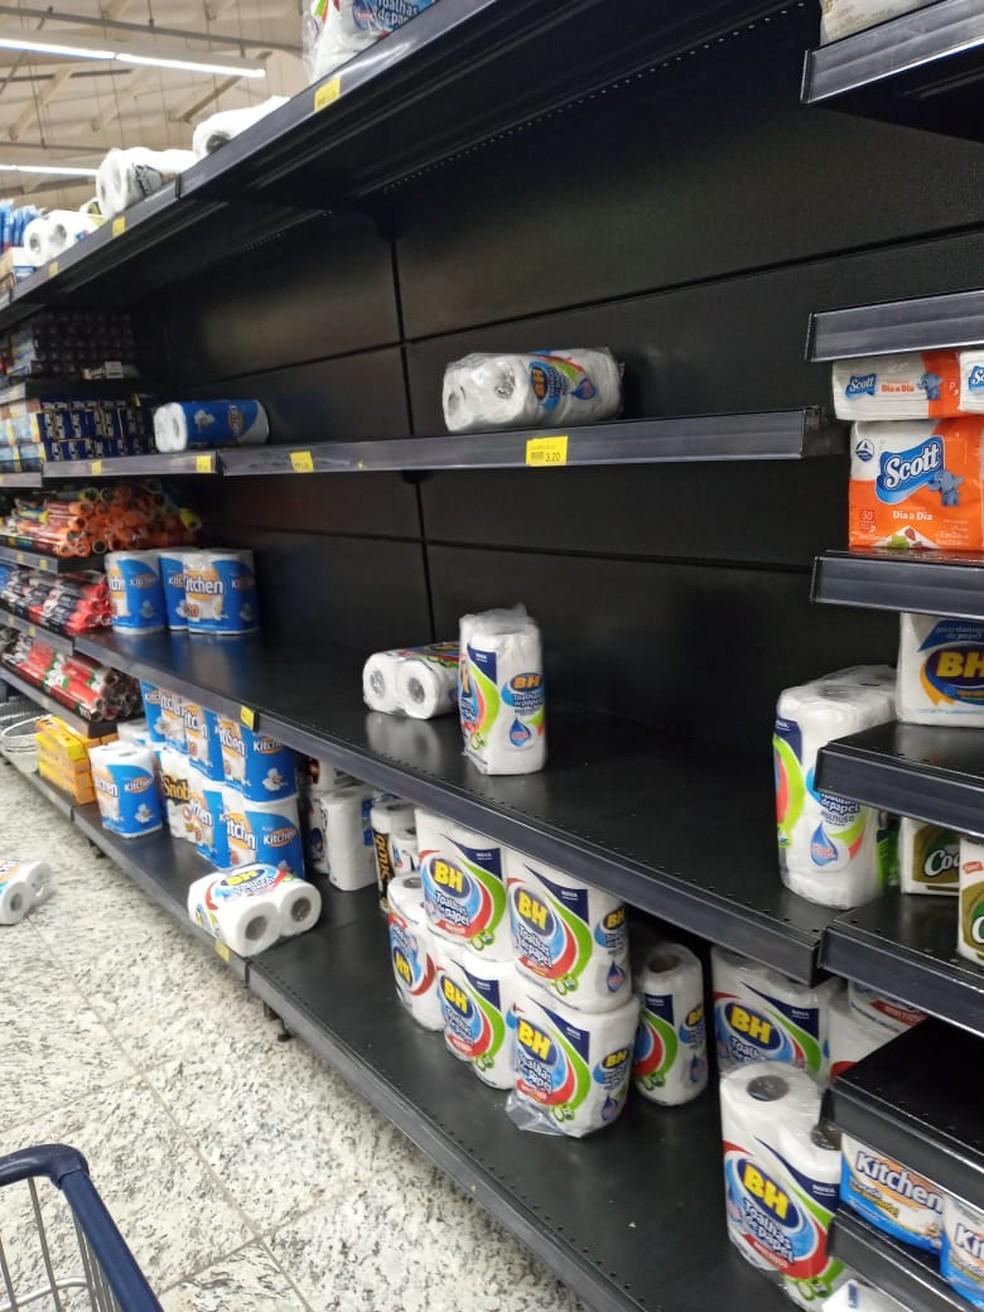 Prateleira de papel higiênico em supermercado no bairro Enseada das Garças, na Pampulha, em Belo Horizonte — Foto: Barbara Milonas/Arquivo pessoal